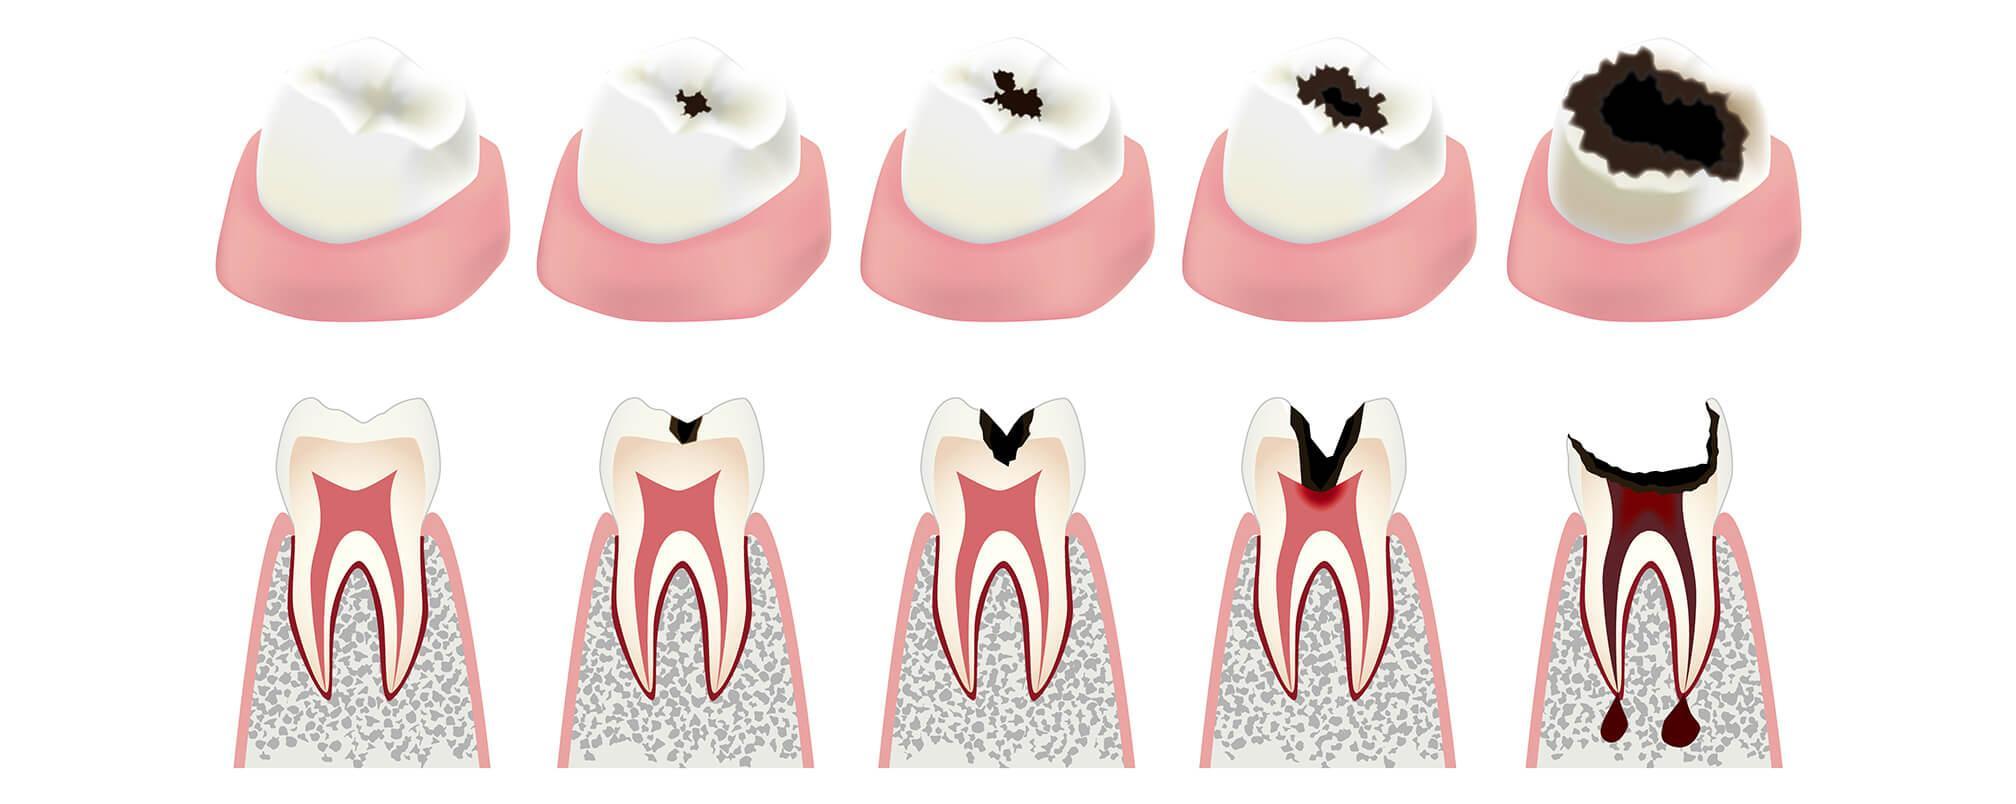 Как лечить кариес зубов: советы от стоматологии в Воронеже